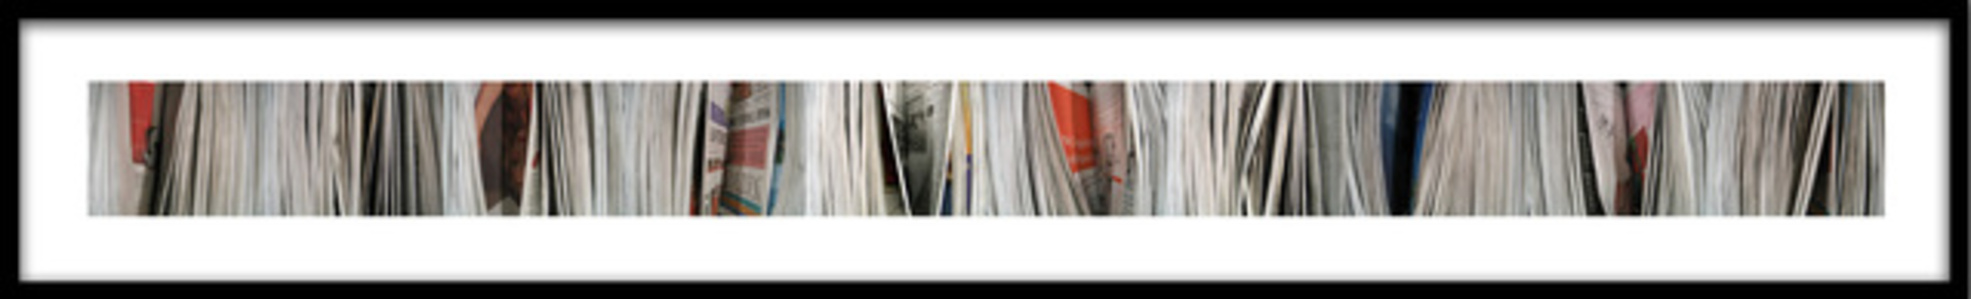 hemingway, Newspaper series